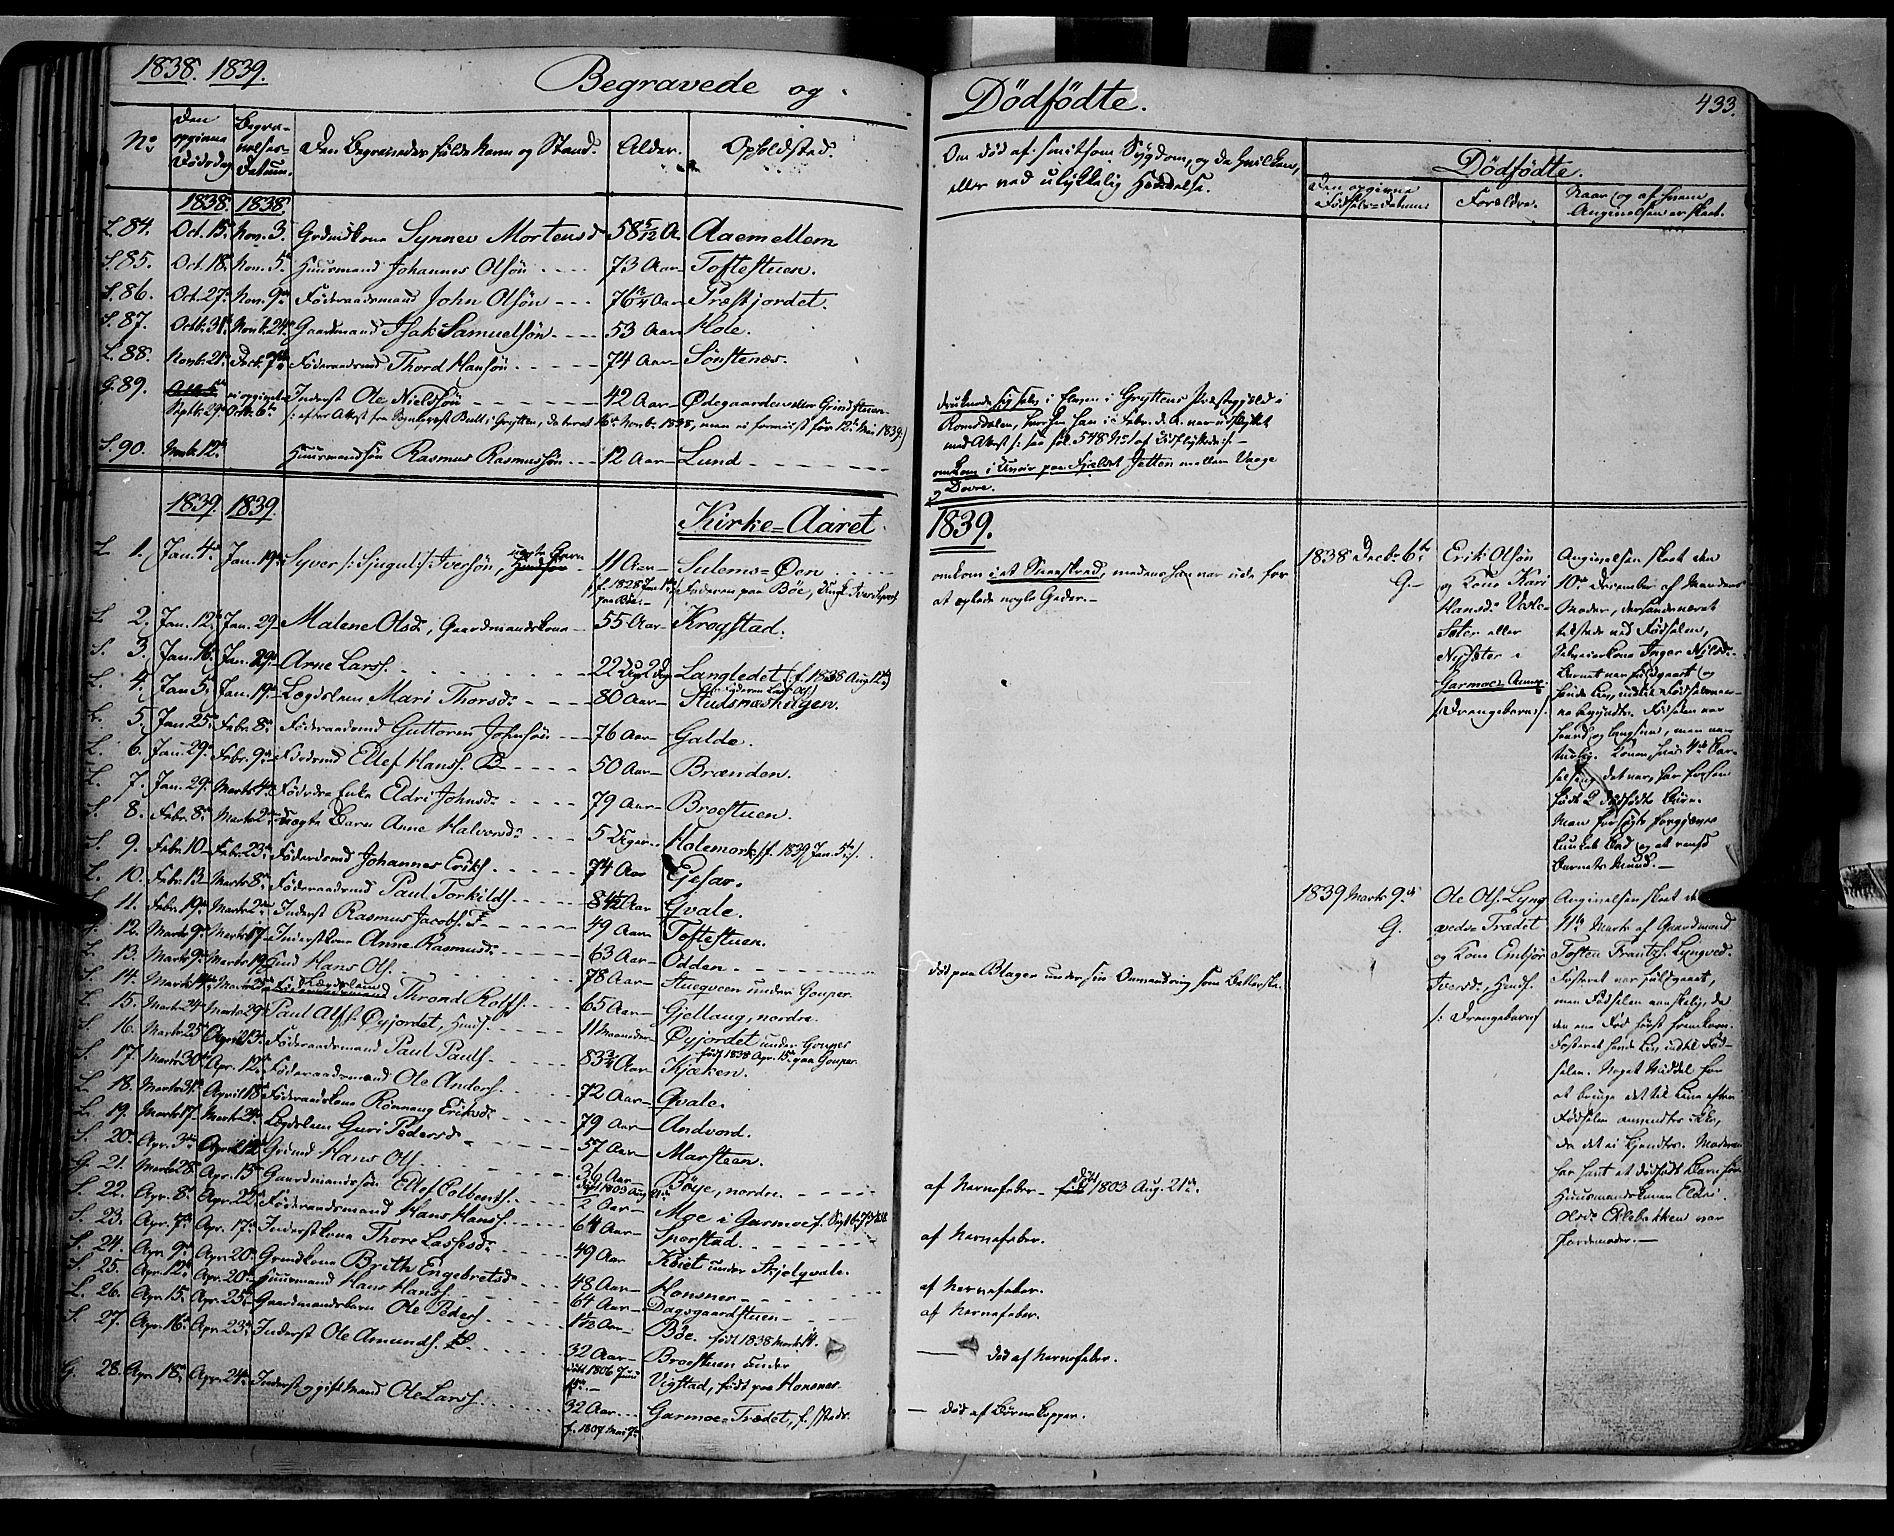 SAH, Lom prestekontor, K/L0006: Ministerialbok nr. 6B, 1837-1863, s. 433